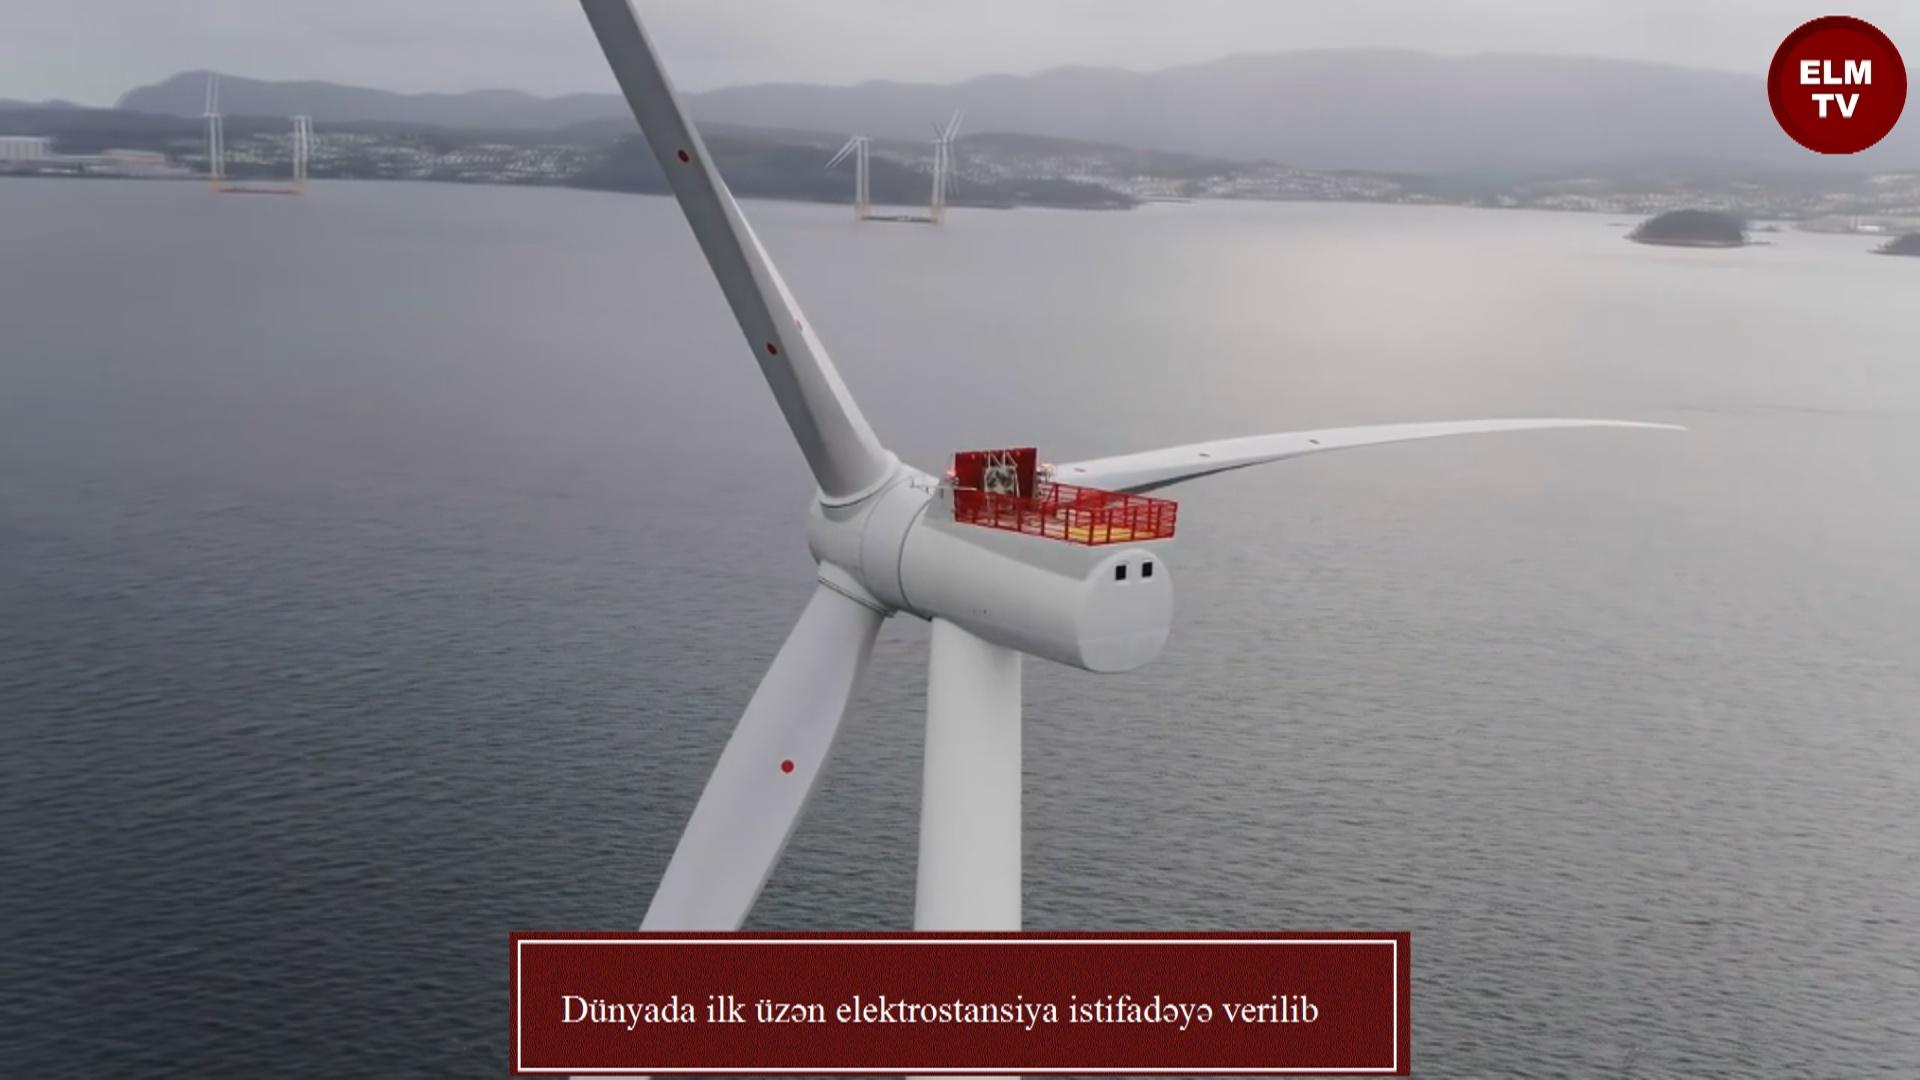 Dünyada ilk üzən elektrostansiya istifadəyə verilib